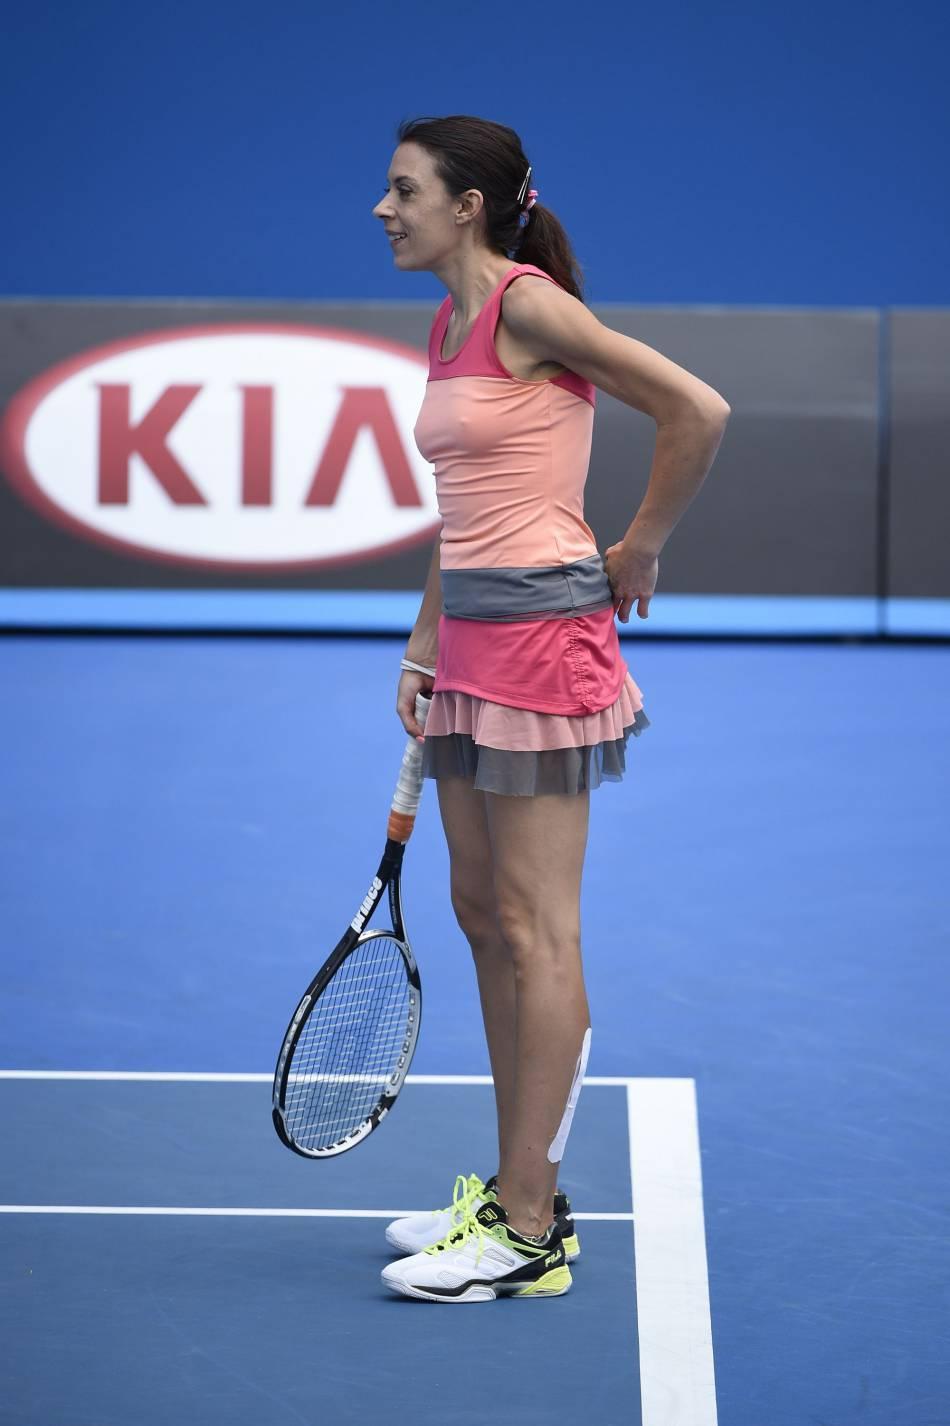 Marion Bartoli a invité Anna Dello Russo à une partie de tennis avec elle. La journaliste au style déluré va-t-elle accepter ?